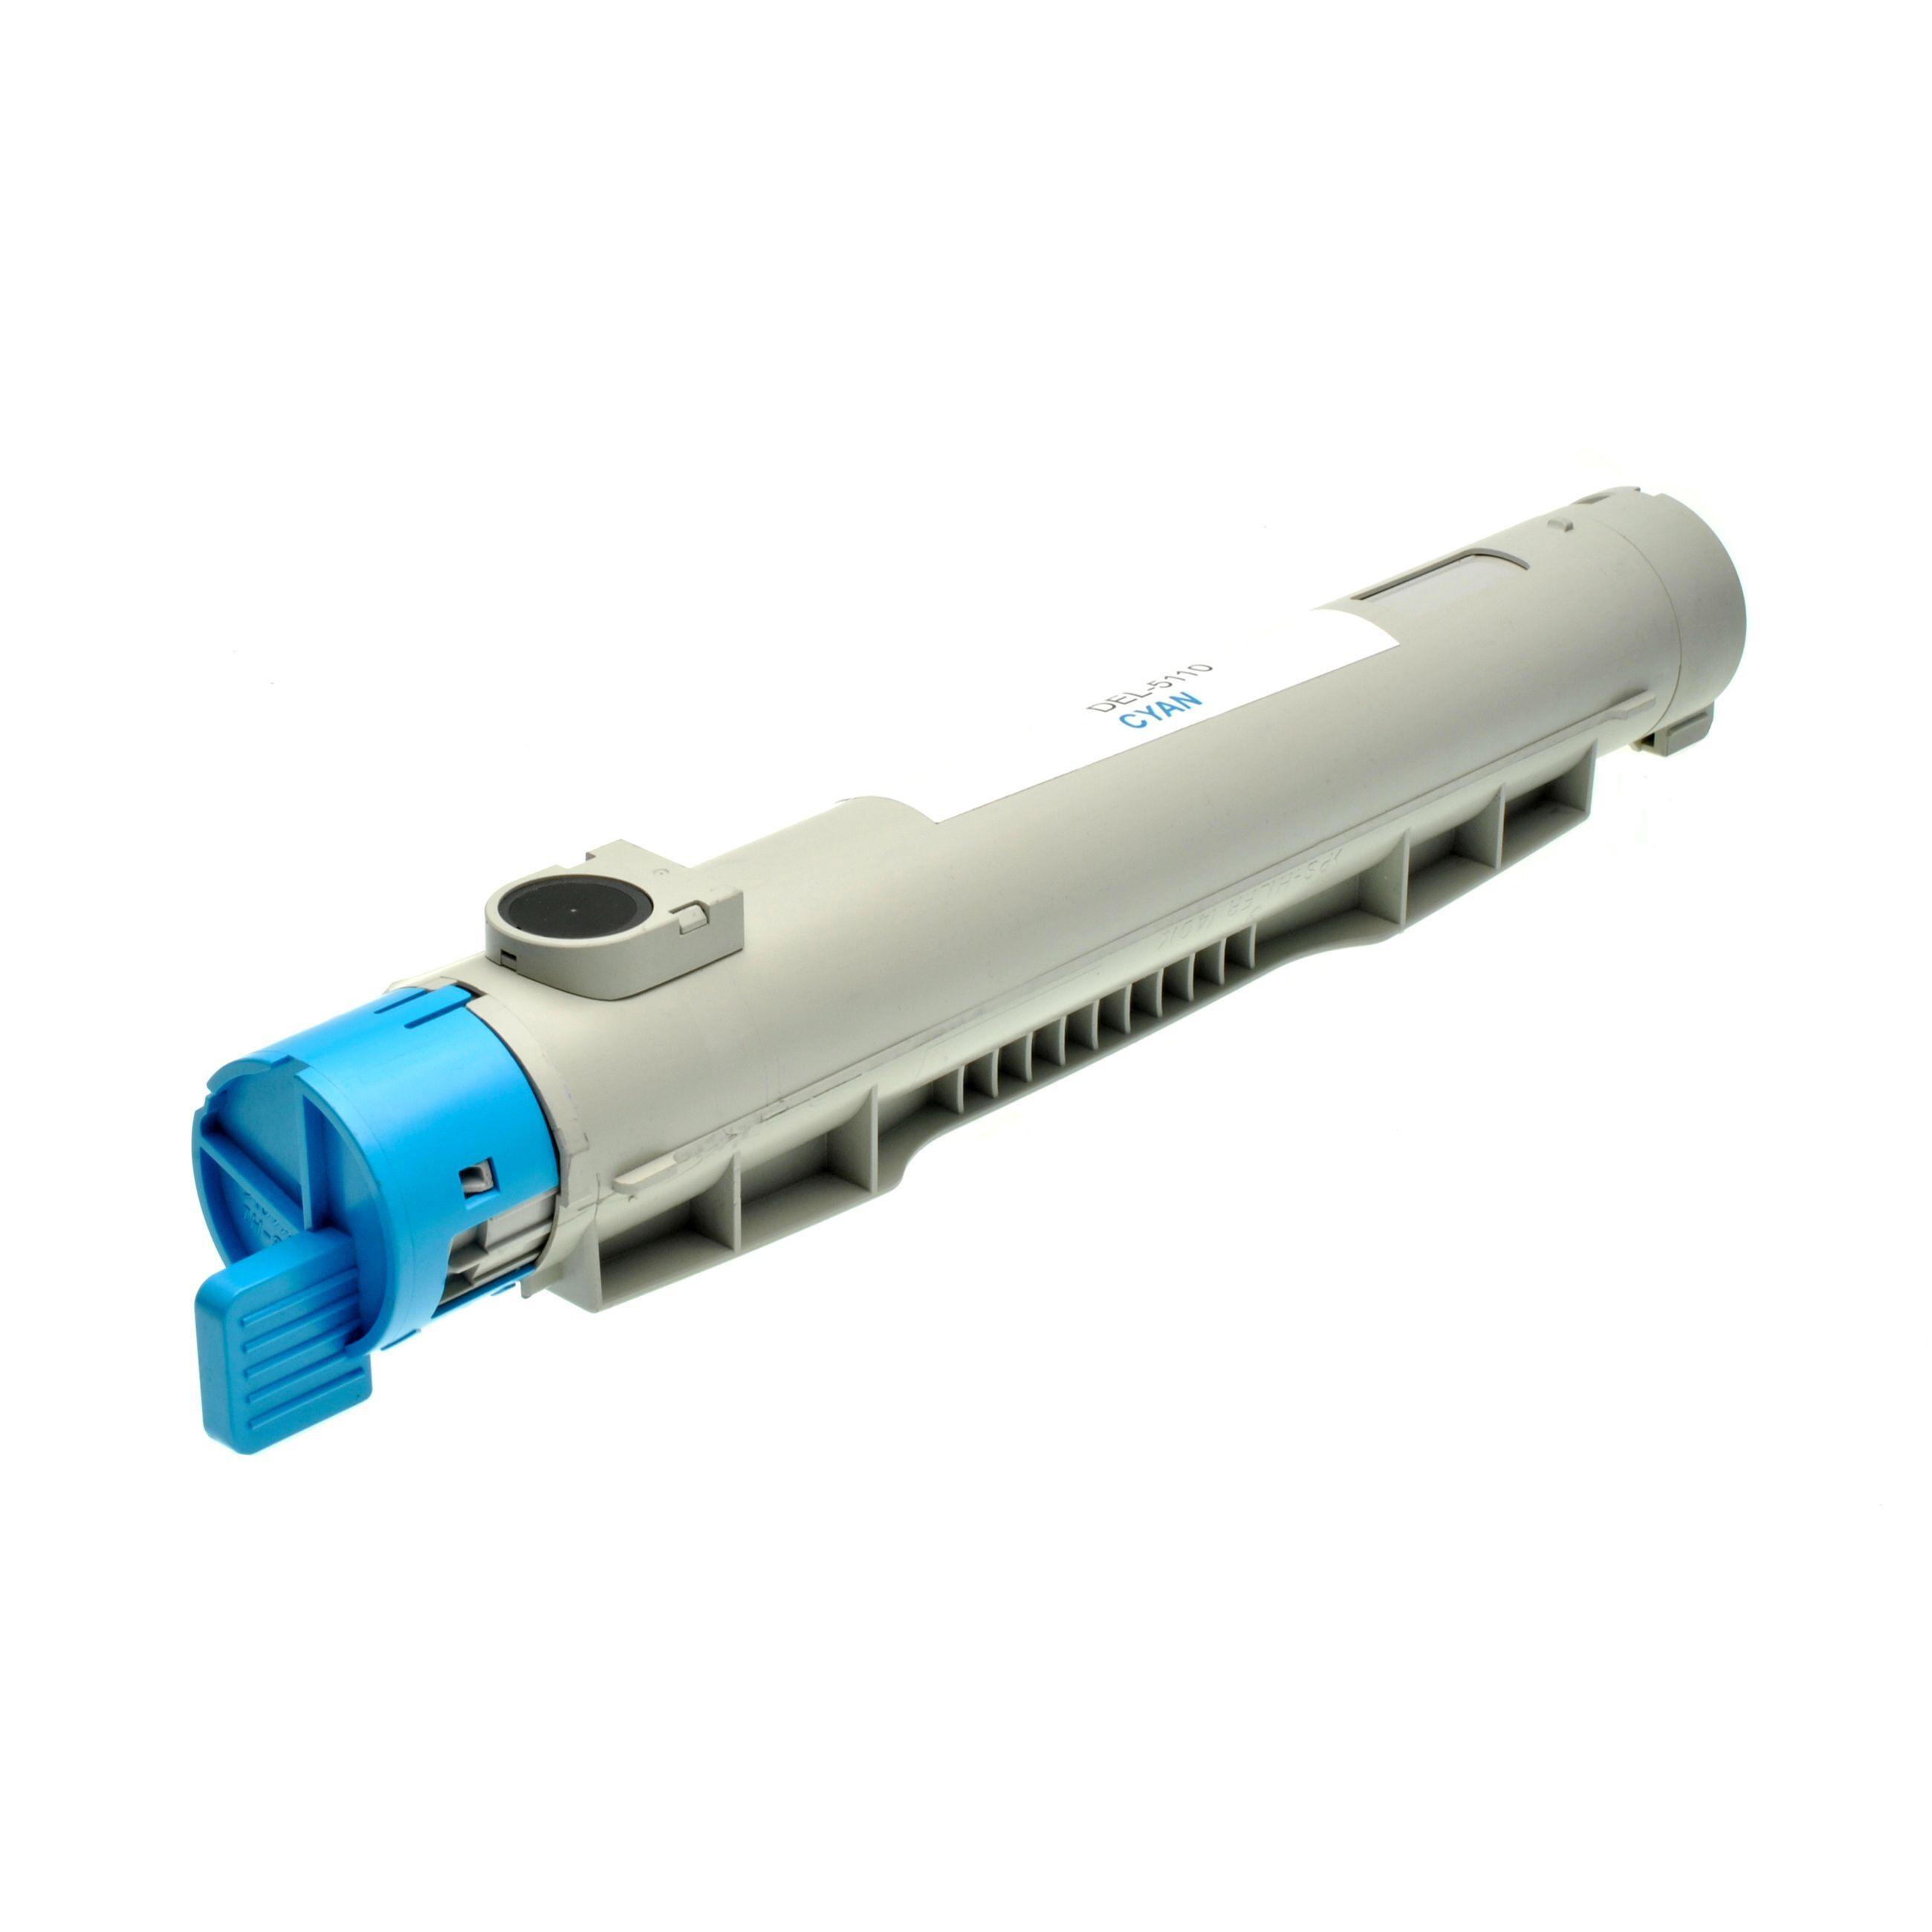 Dell Cartouche de Toner pour Dell 59310118 / GD907 cyan compatible (de marque ASC)